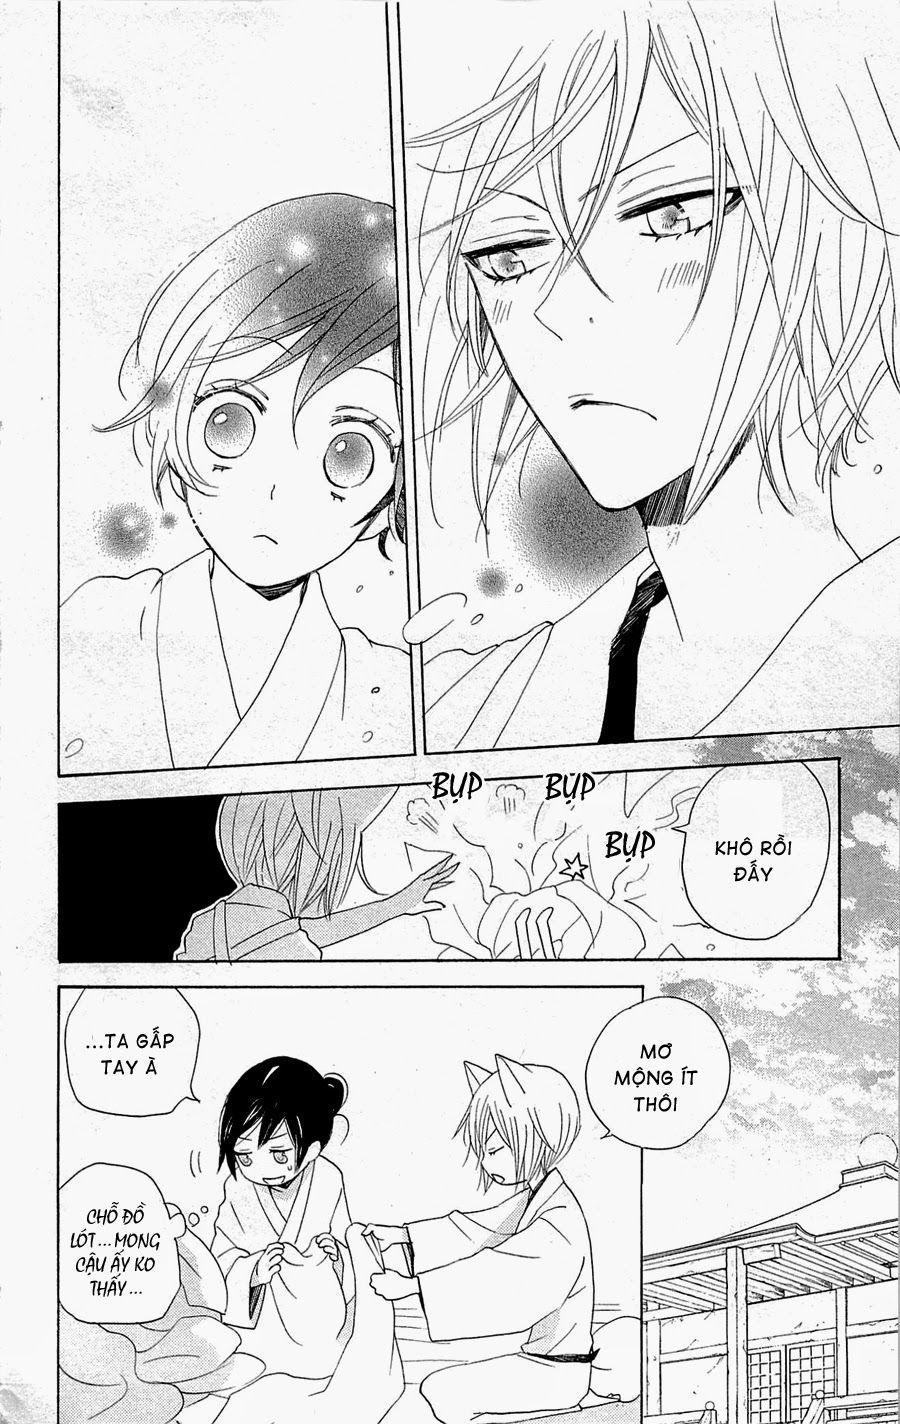 [TUYỆT VỜI] Kamisama Hajimemashita Chap 89.2 Manga